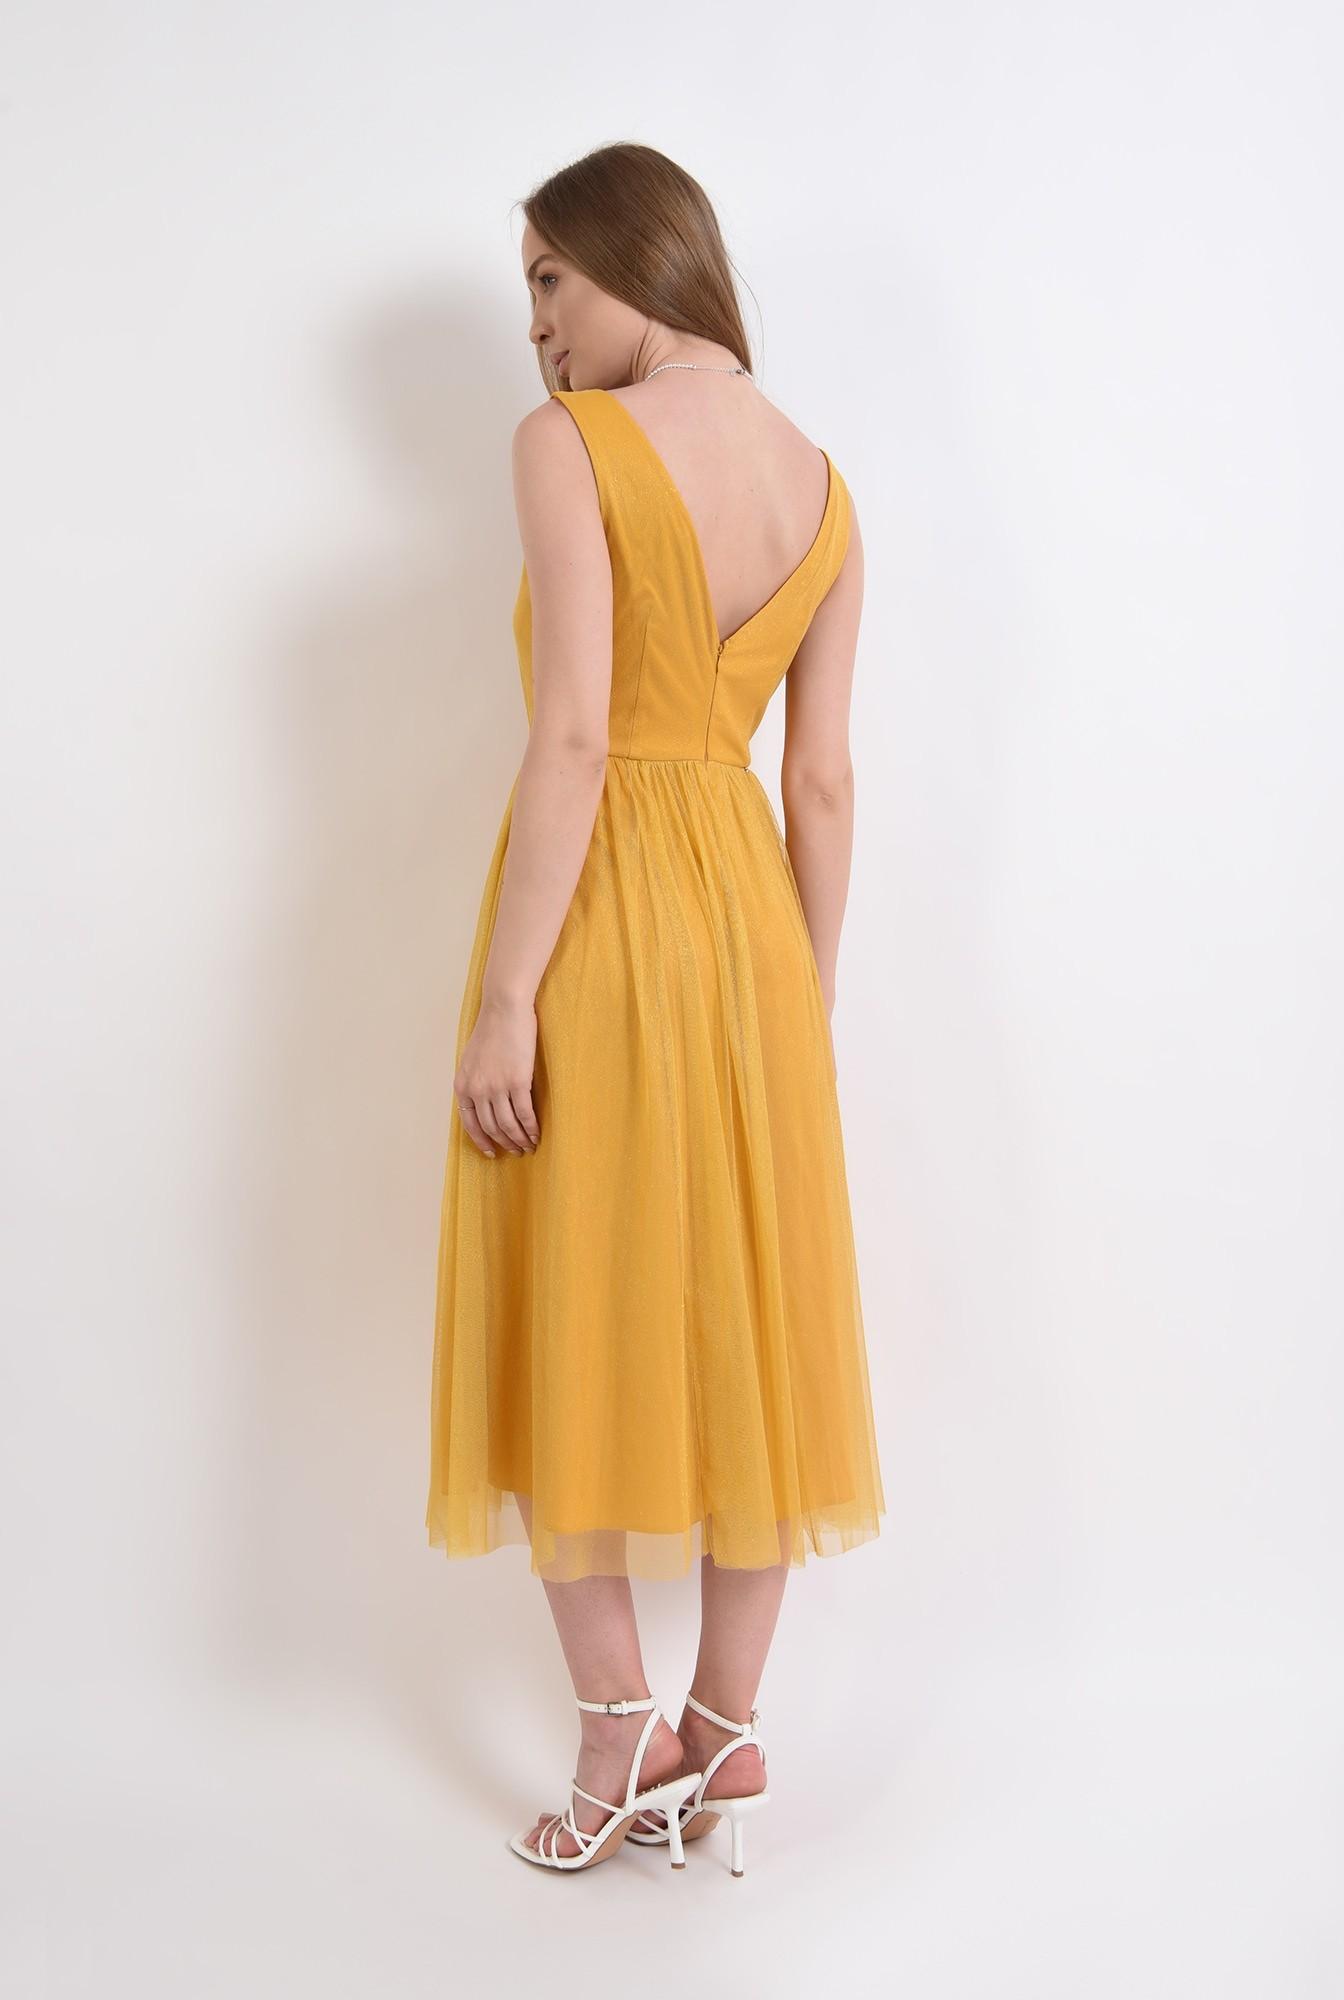 2 - rochie eleganta, mustar, din tul